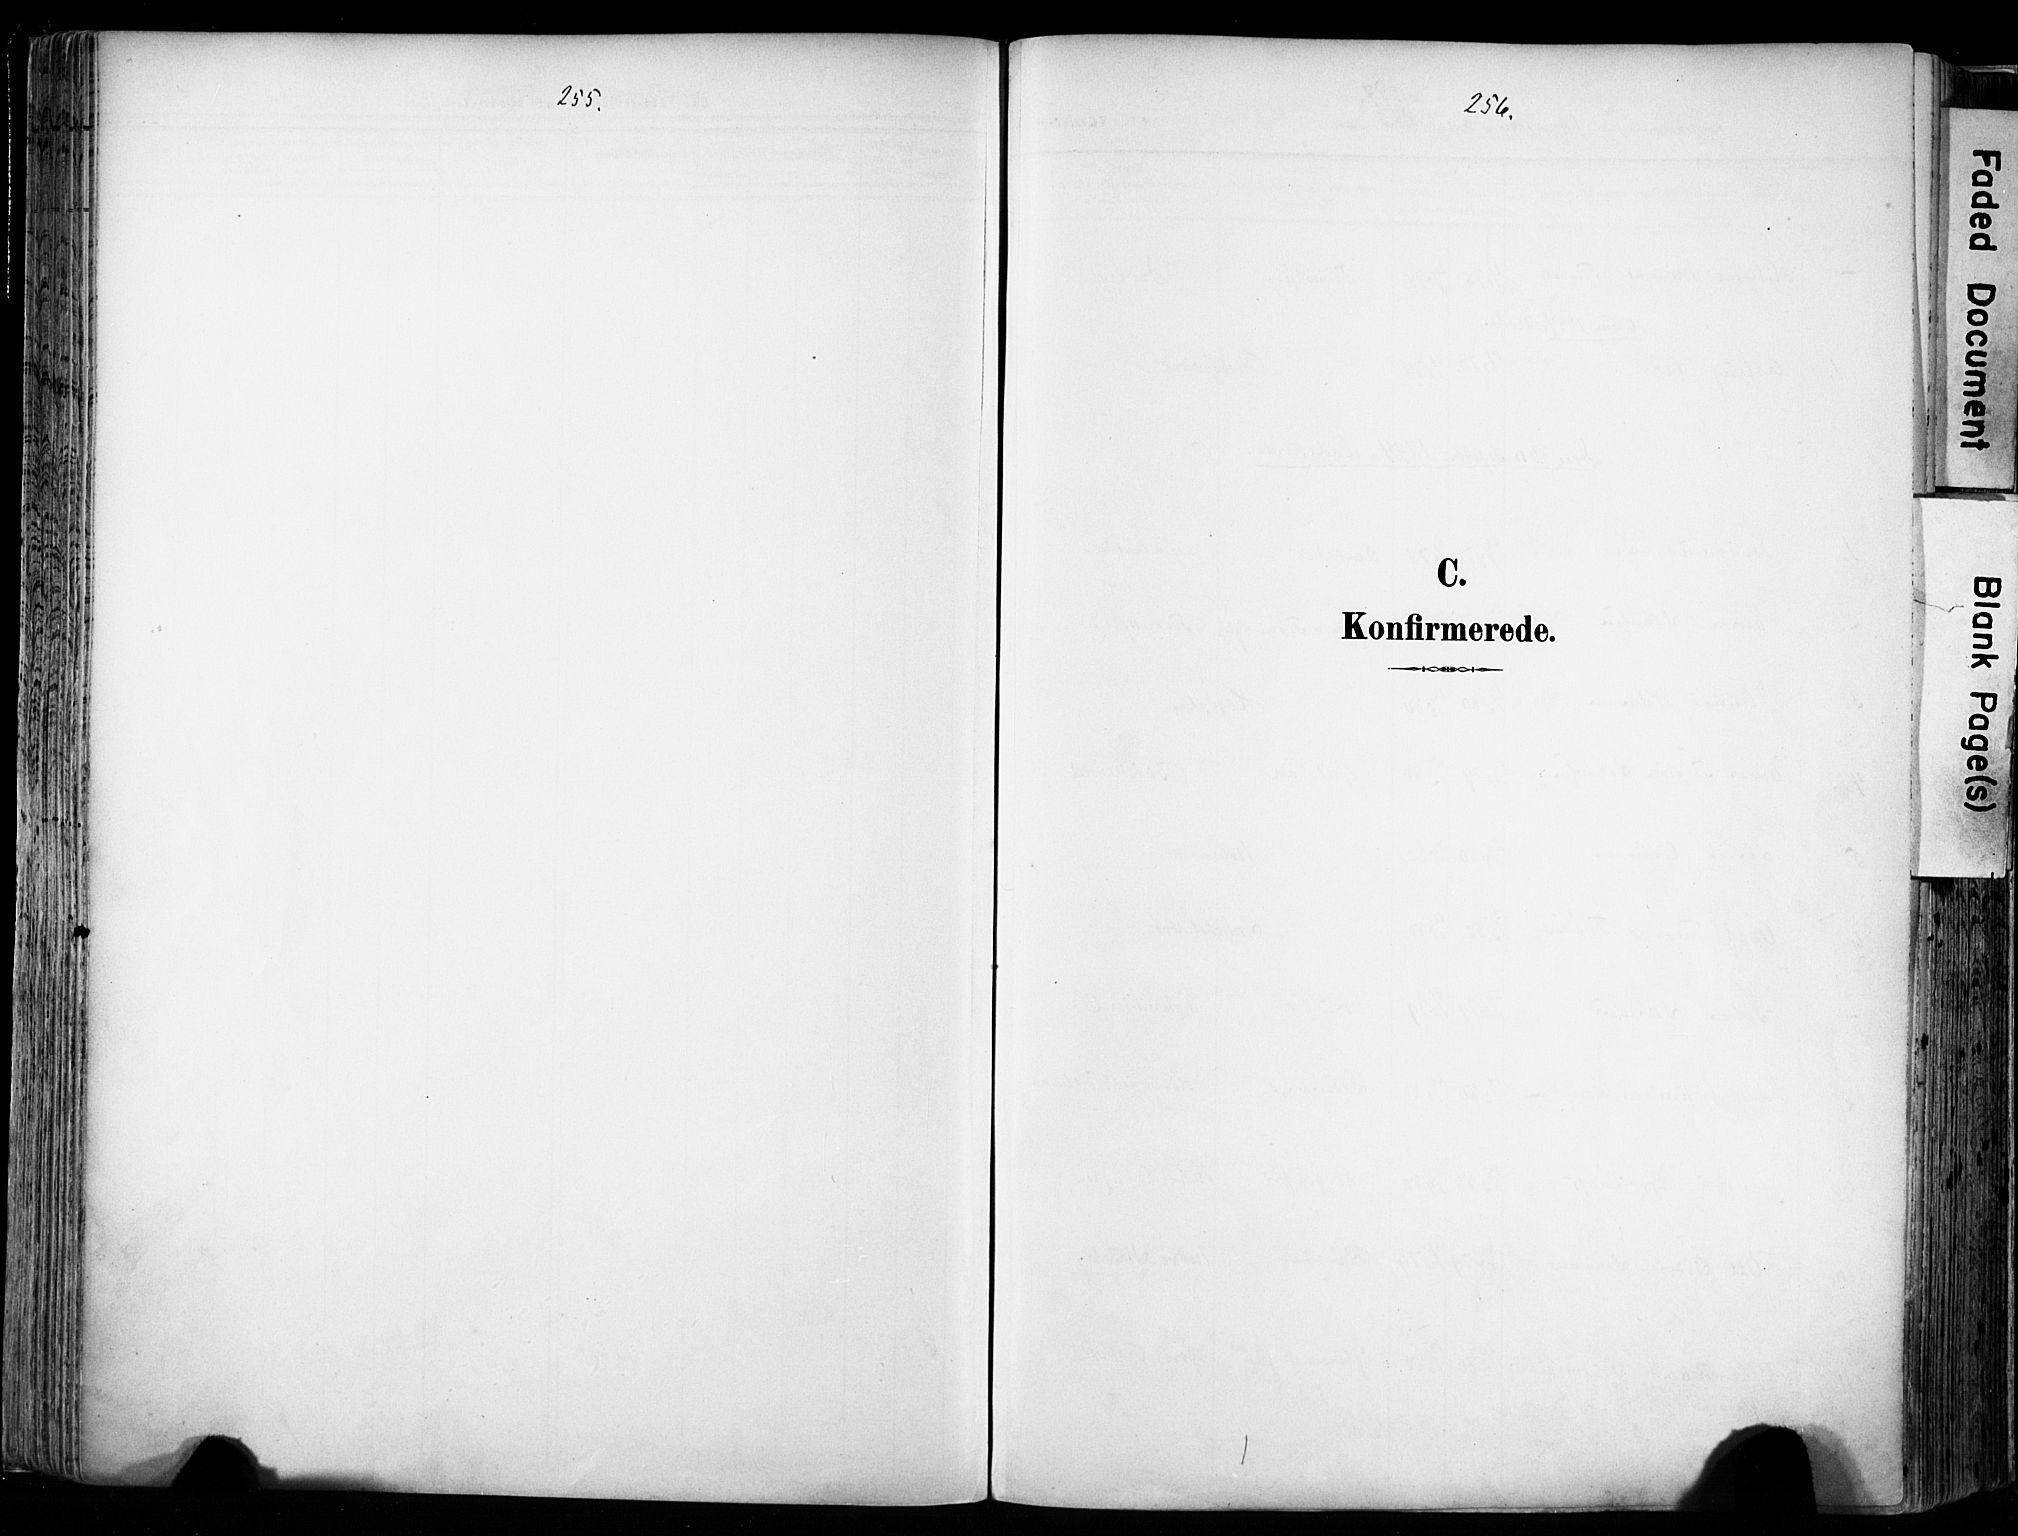 SAT, Ministerialprotokoller, klokkerbøker og fødselsregistre - Sør-Trøndelag, 606/L0301: Ministerialbok nr. 606A16, 1894-1907, s. 255-256